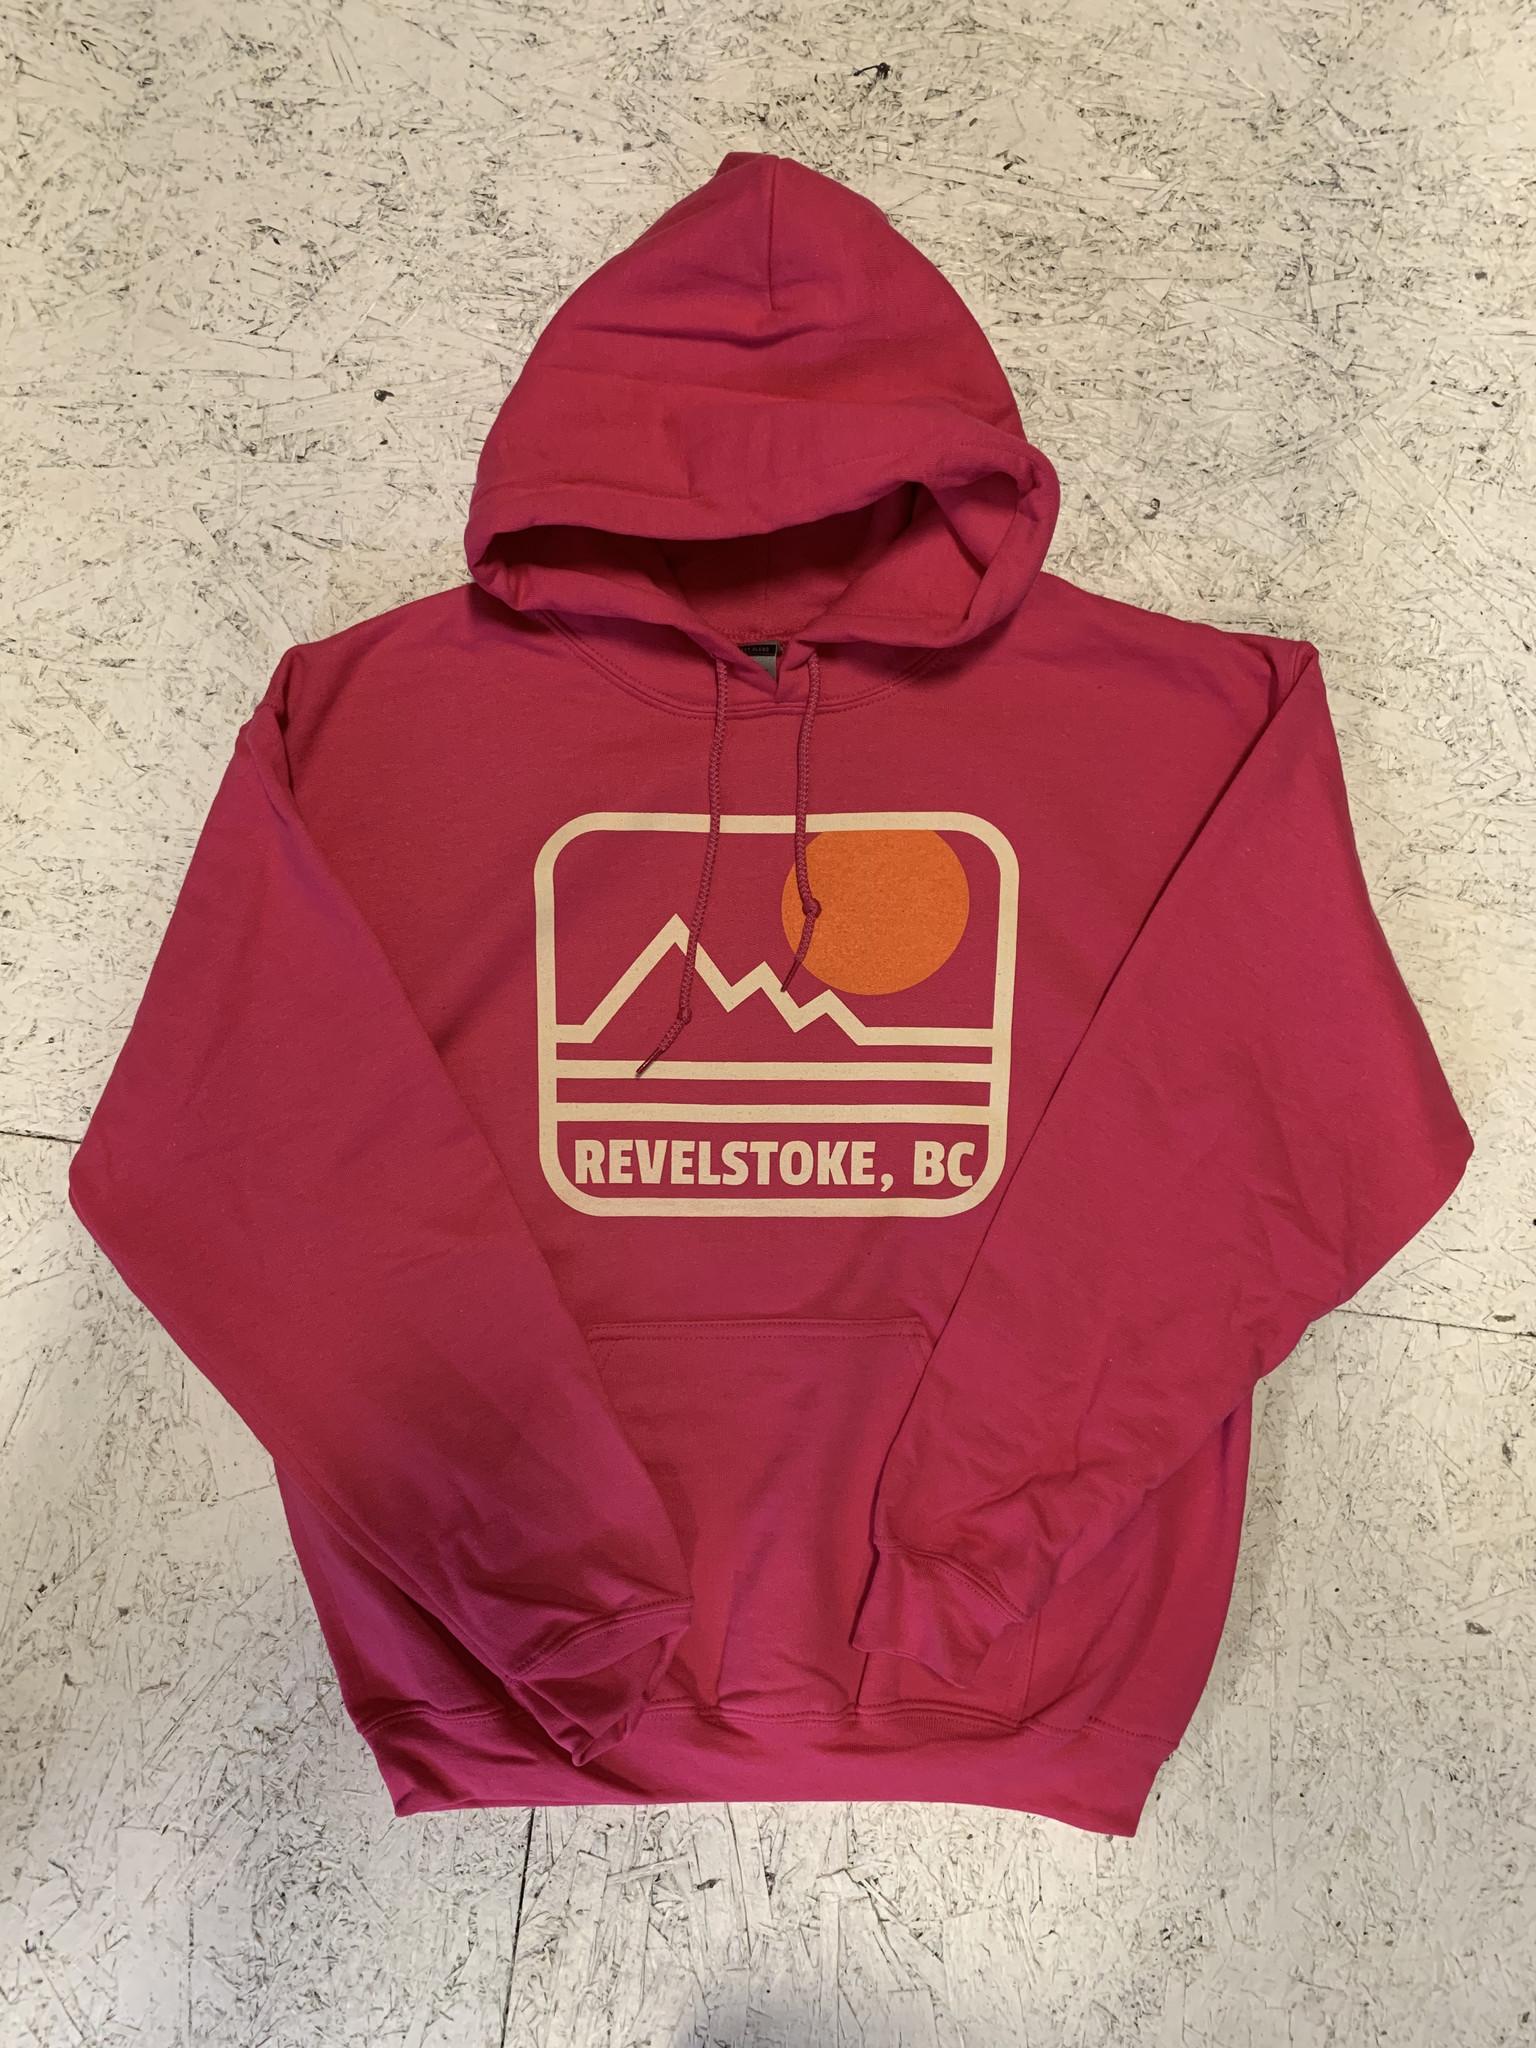 Revelstoke Trading Post Revelstoke - Retro Hoodie